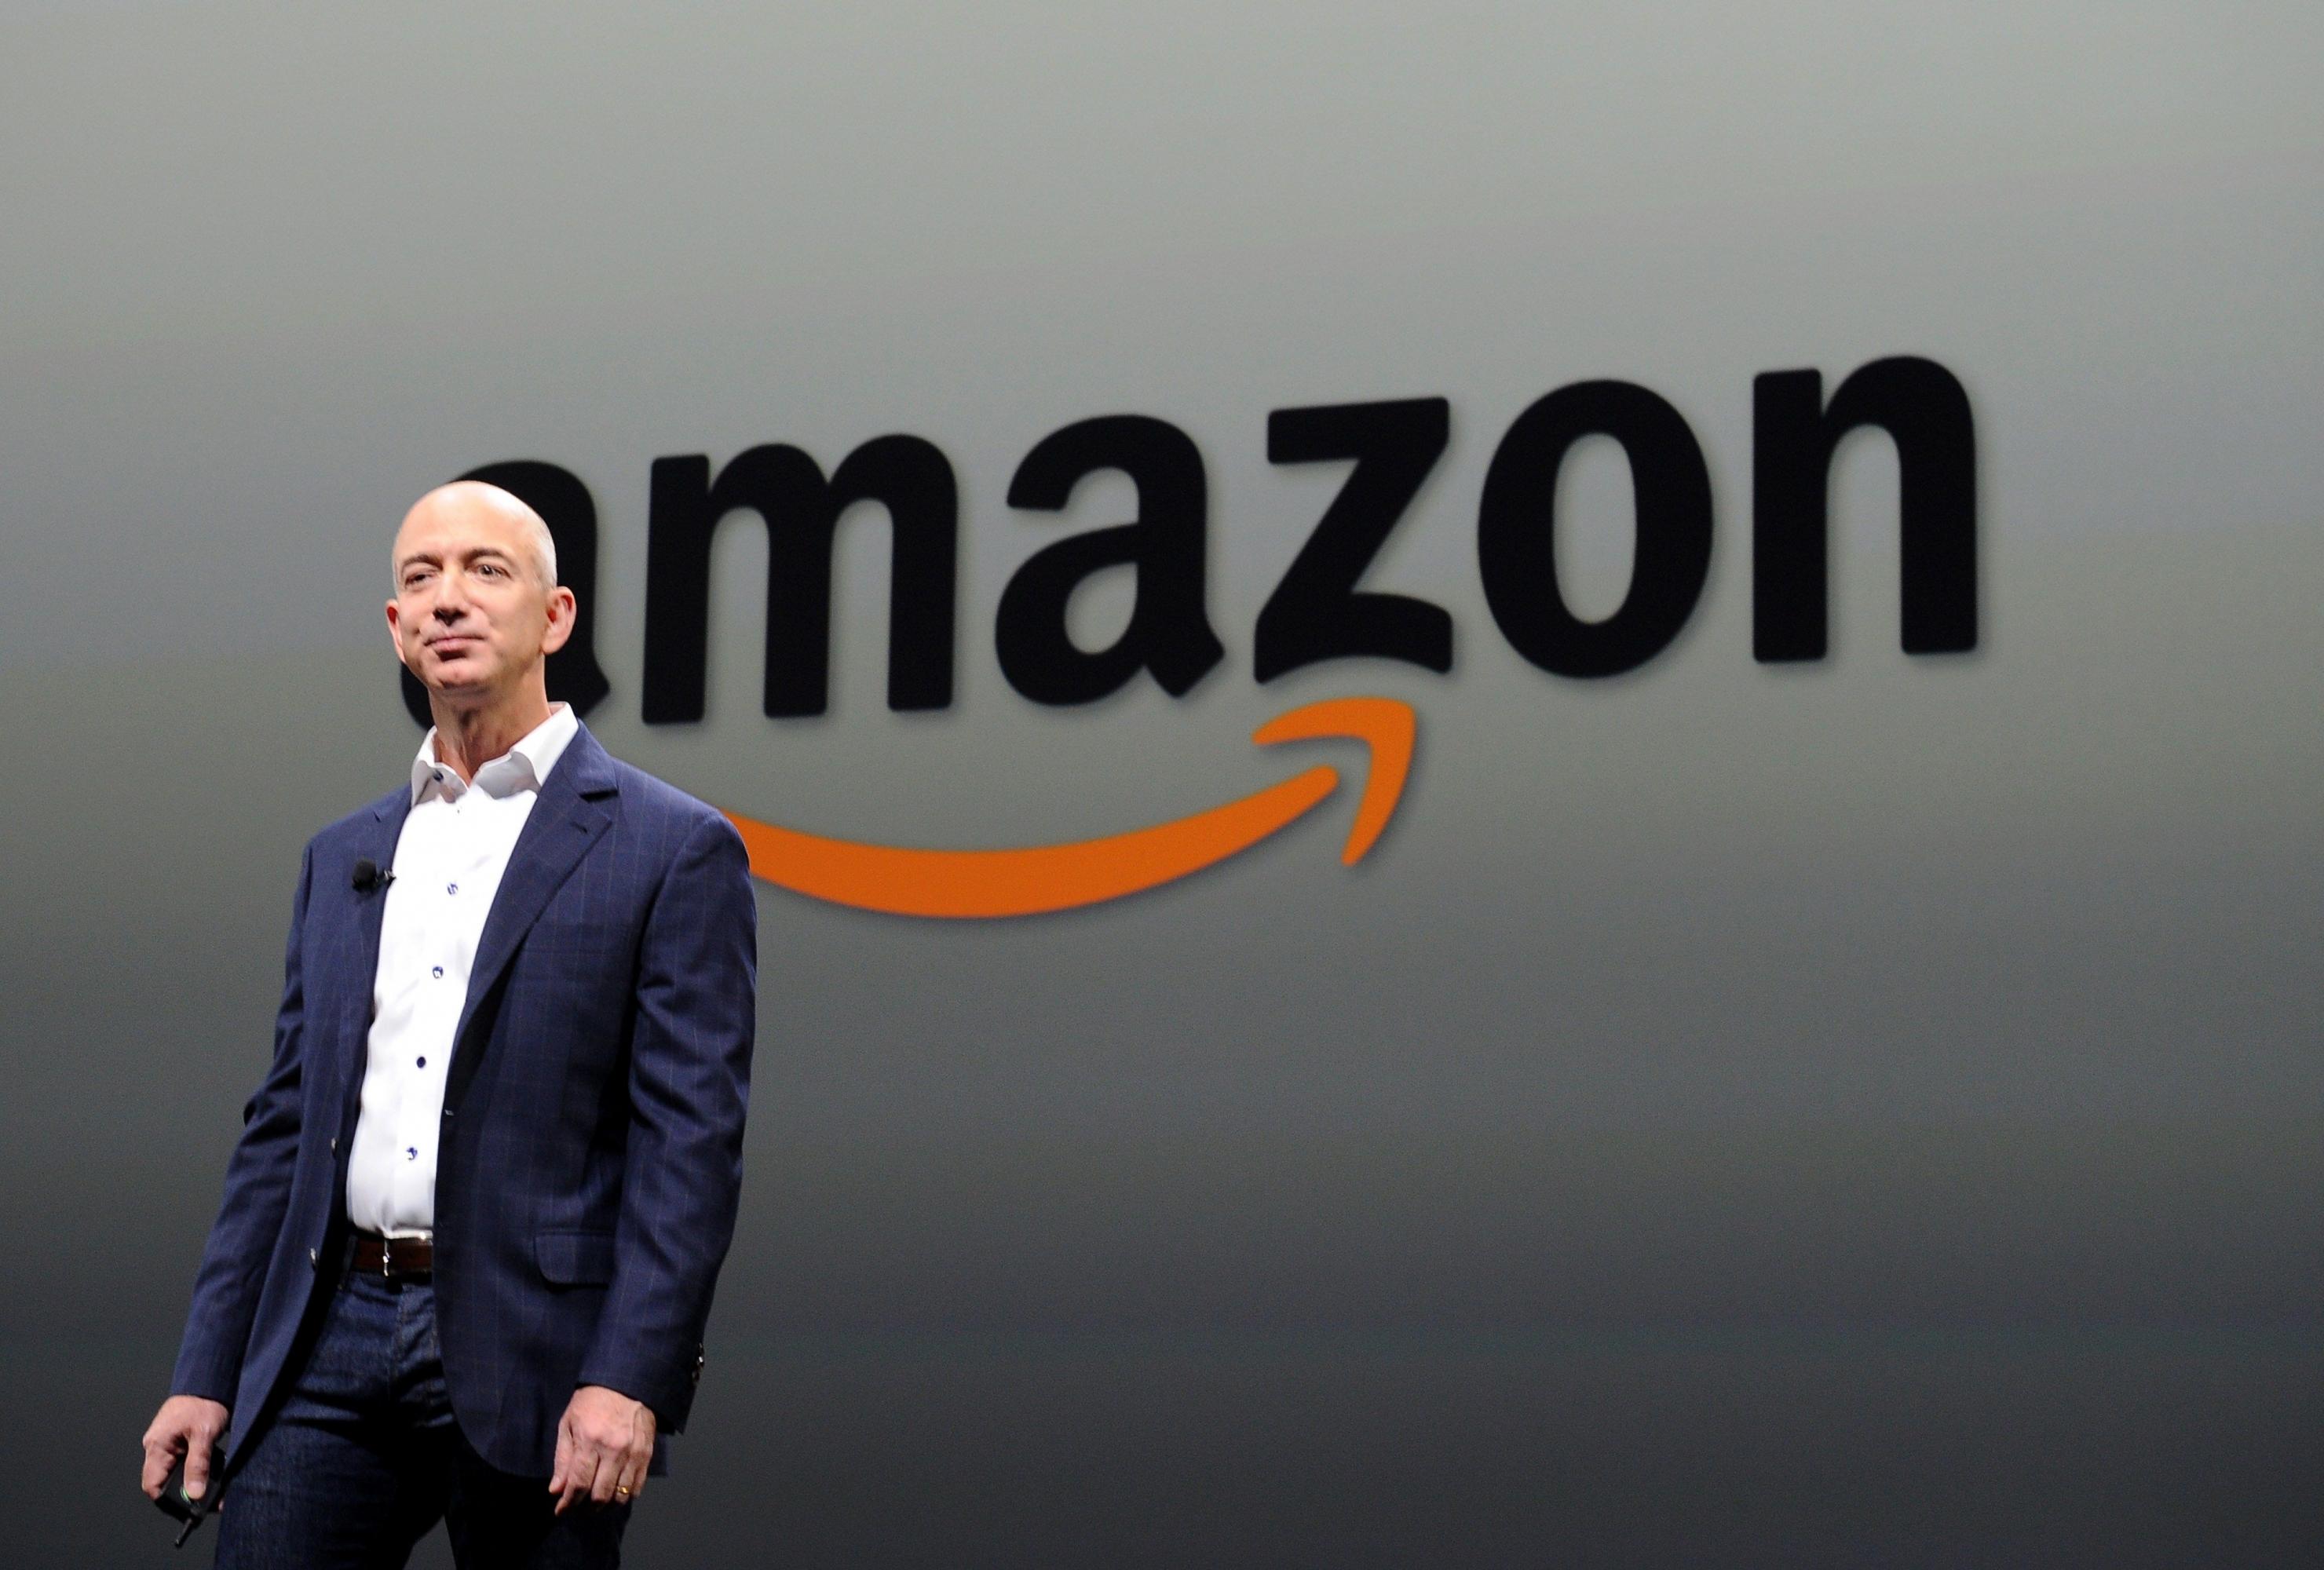 El multimillonario Jeff Bezos es el dueño de Amazon. (Foto: AFP)